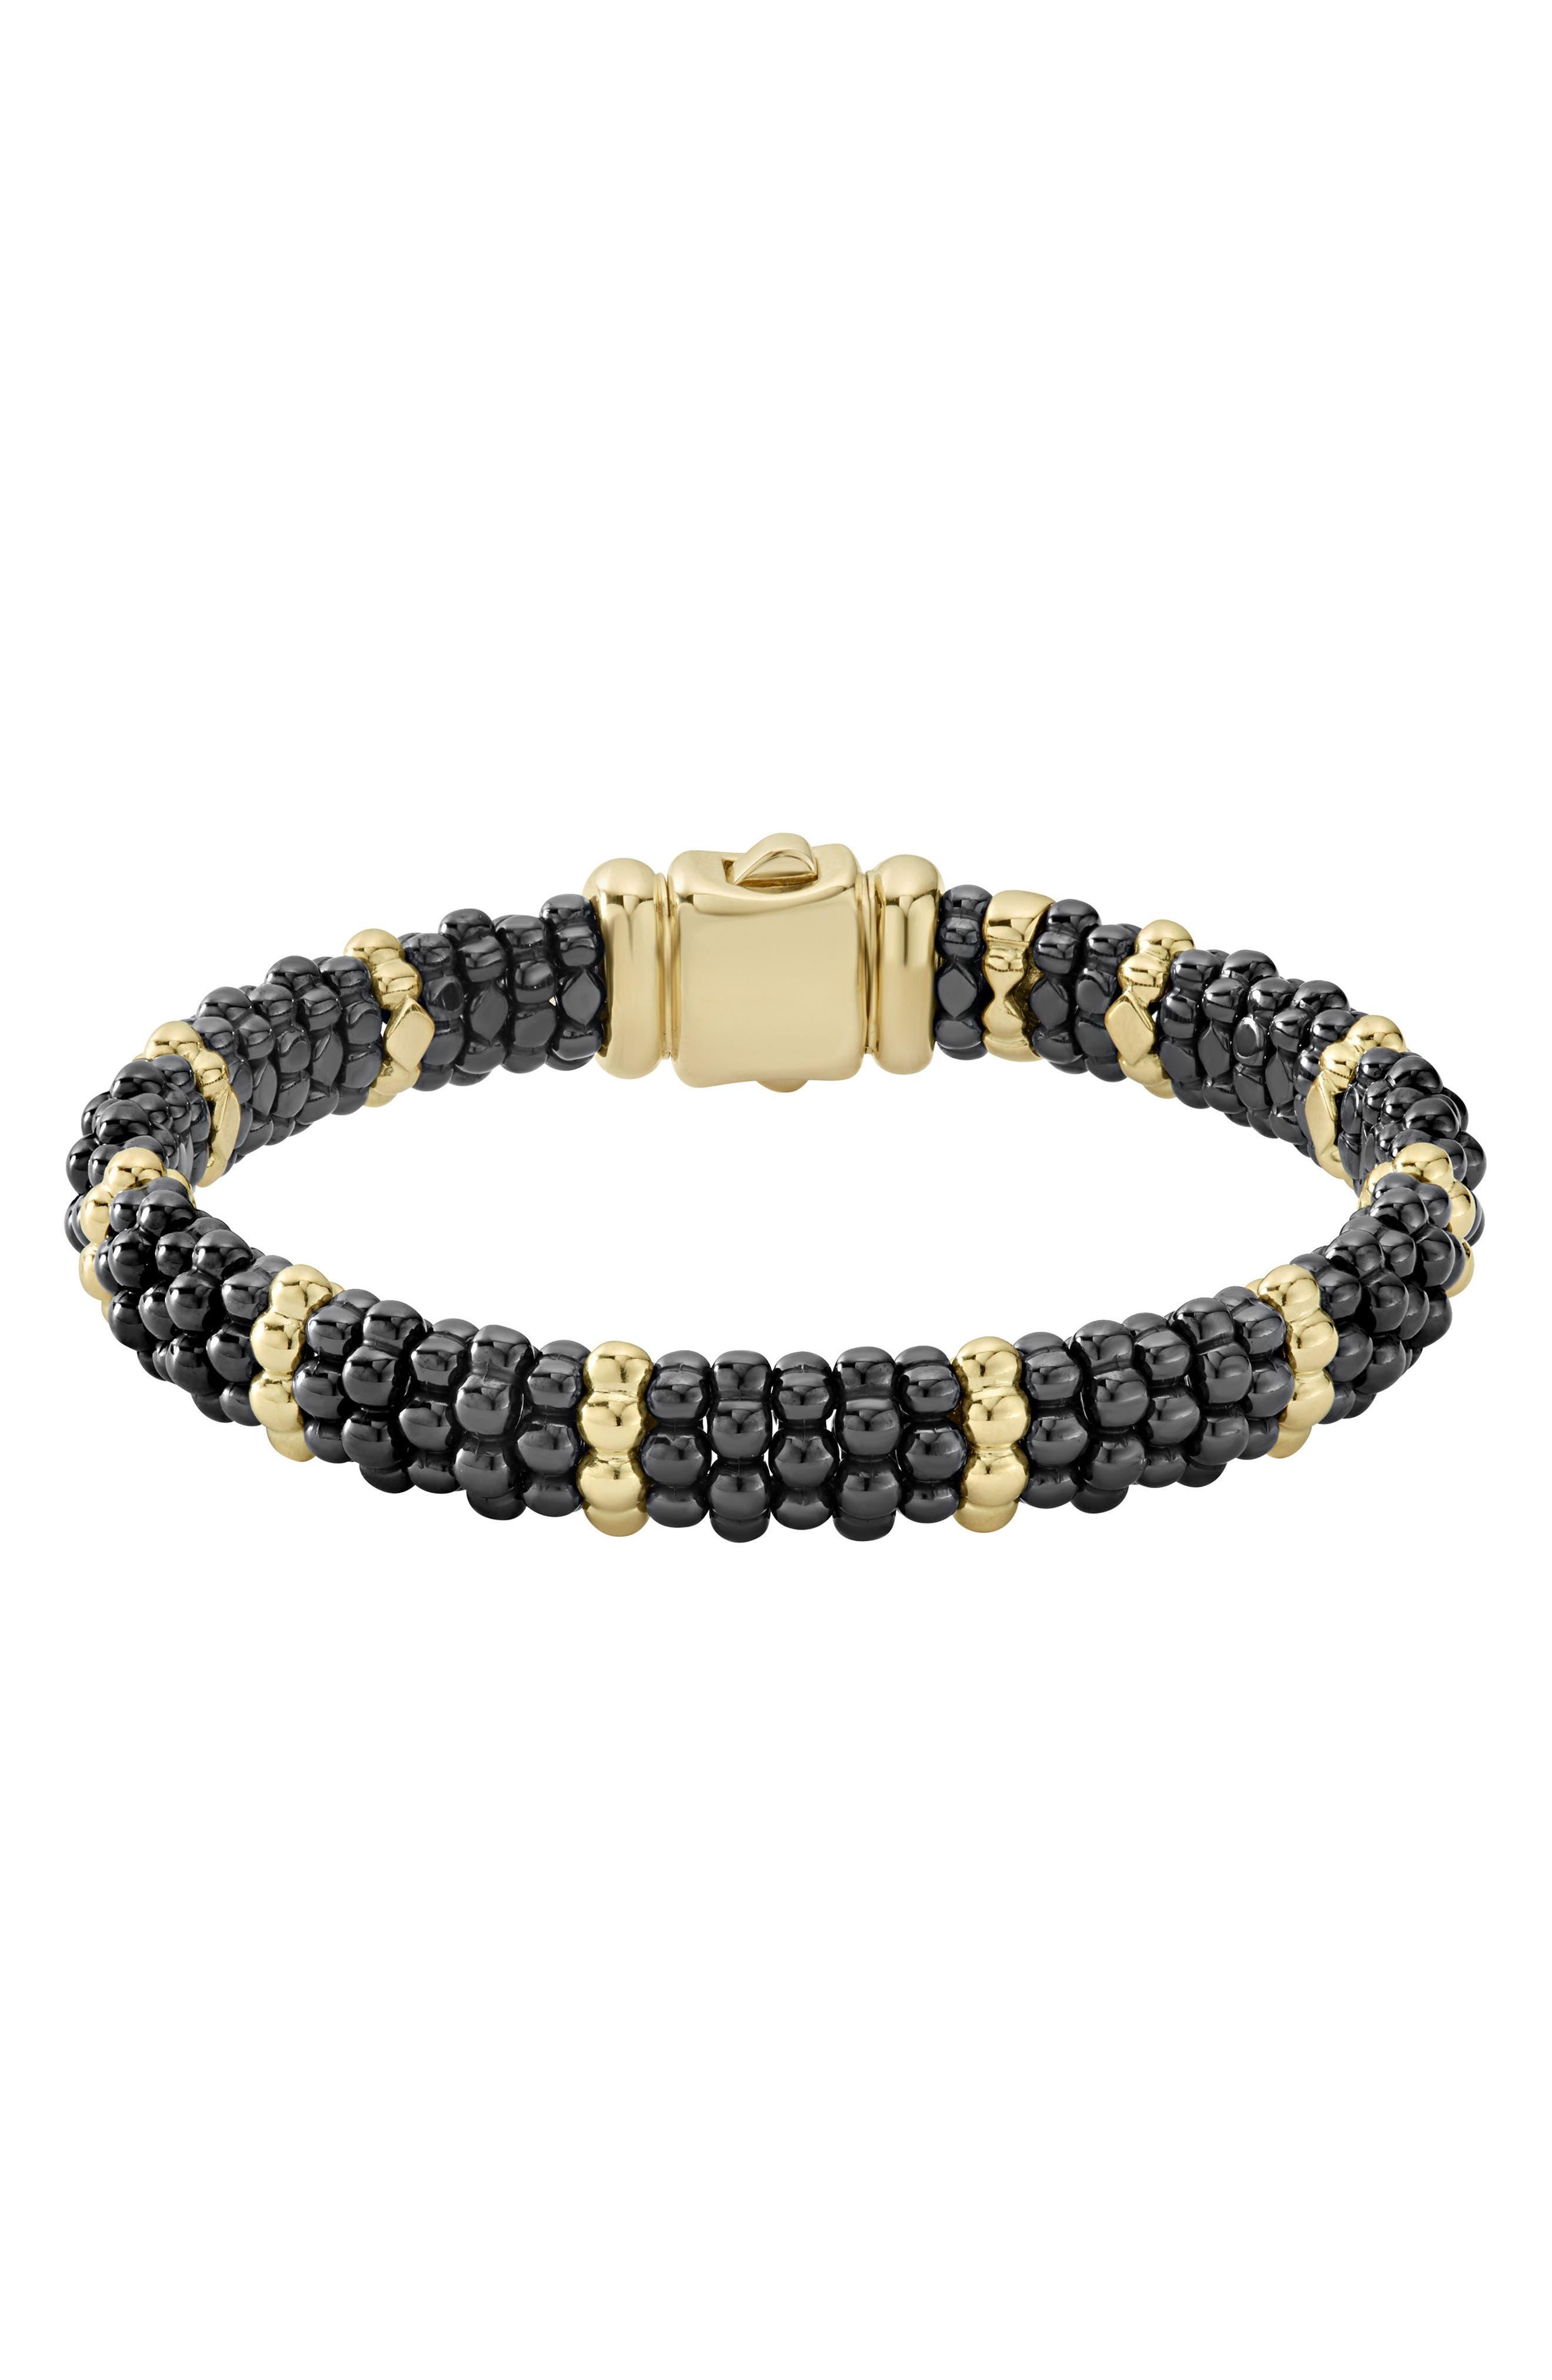 Gold & Black Caviar Station Bracelet,                         Main,                         color, GOLD/ BLACK